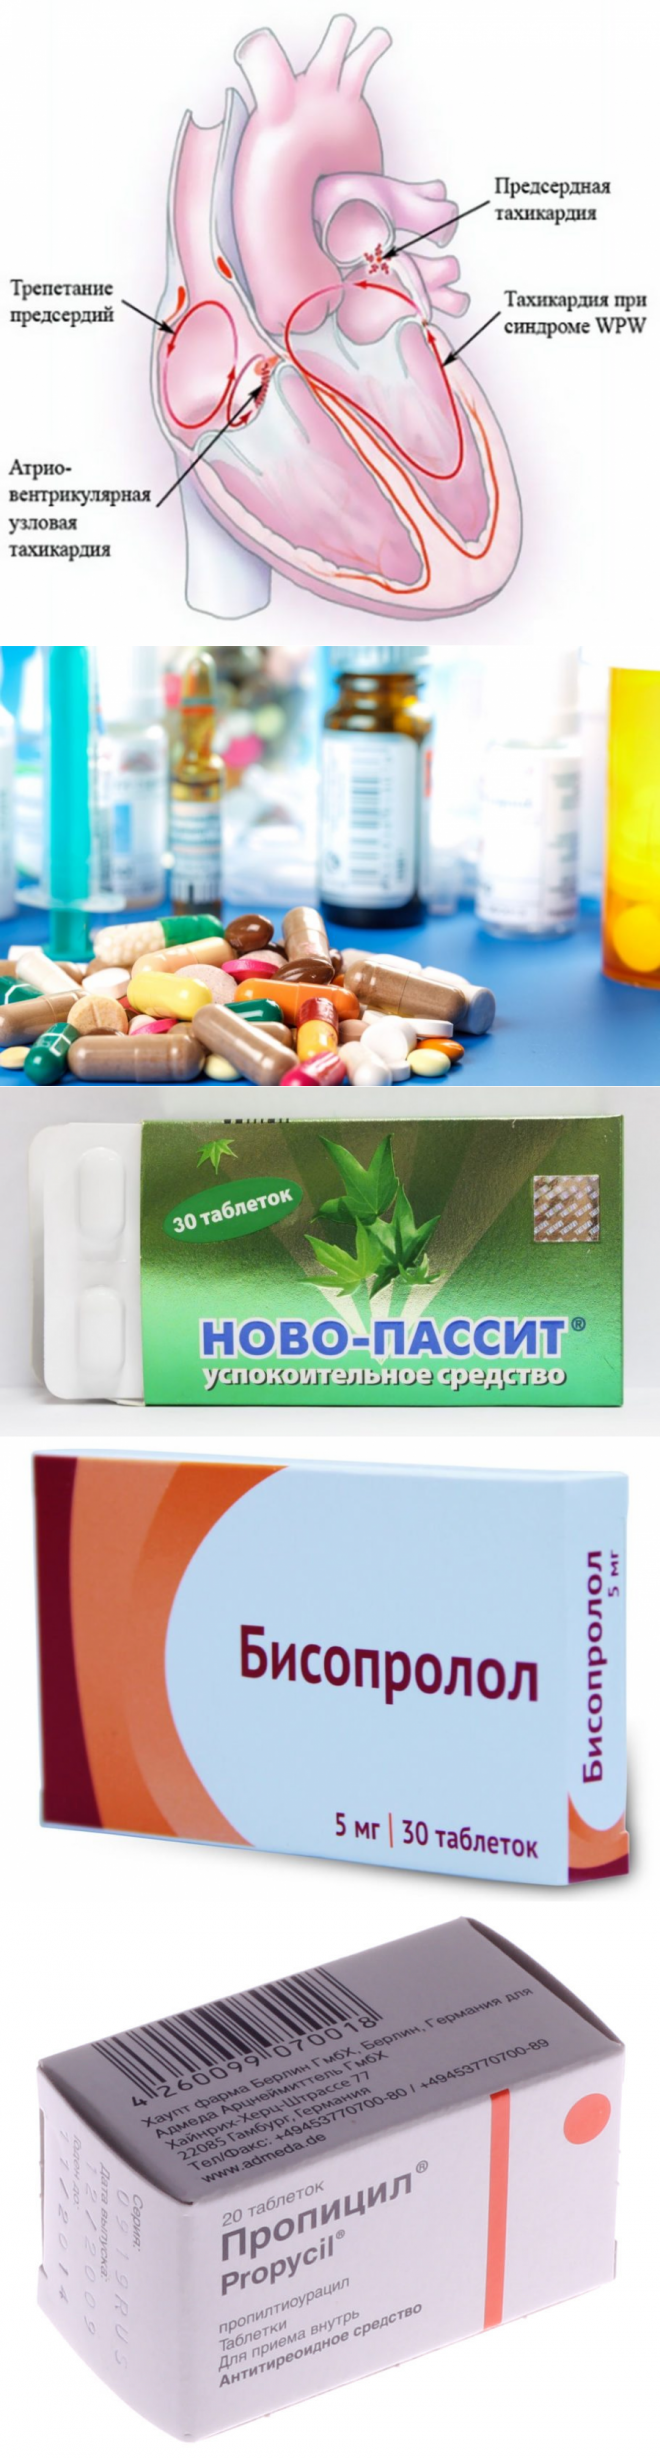 Какие таблетки от высокого пульса лучше и эффективнее?